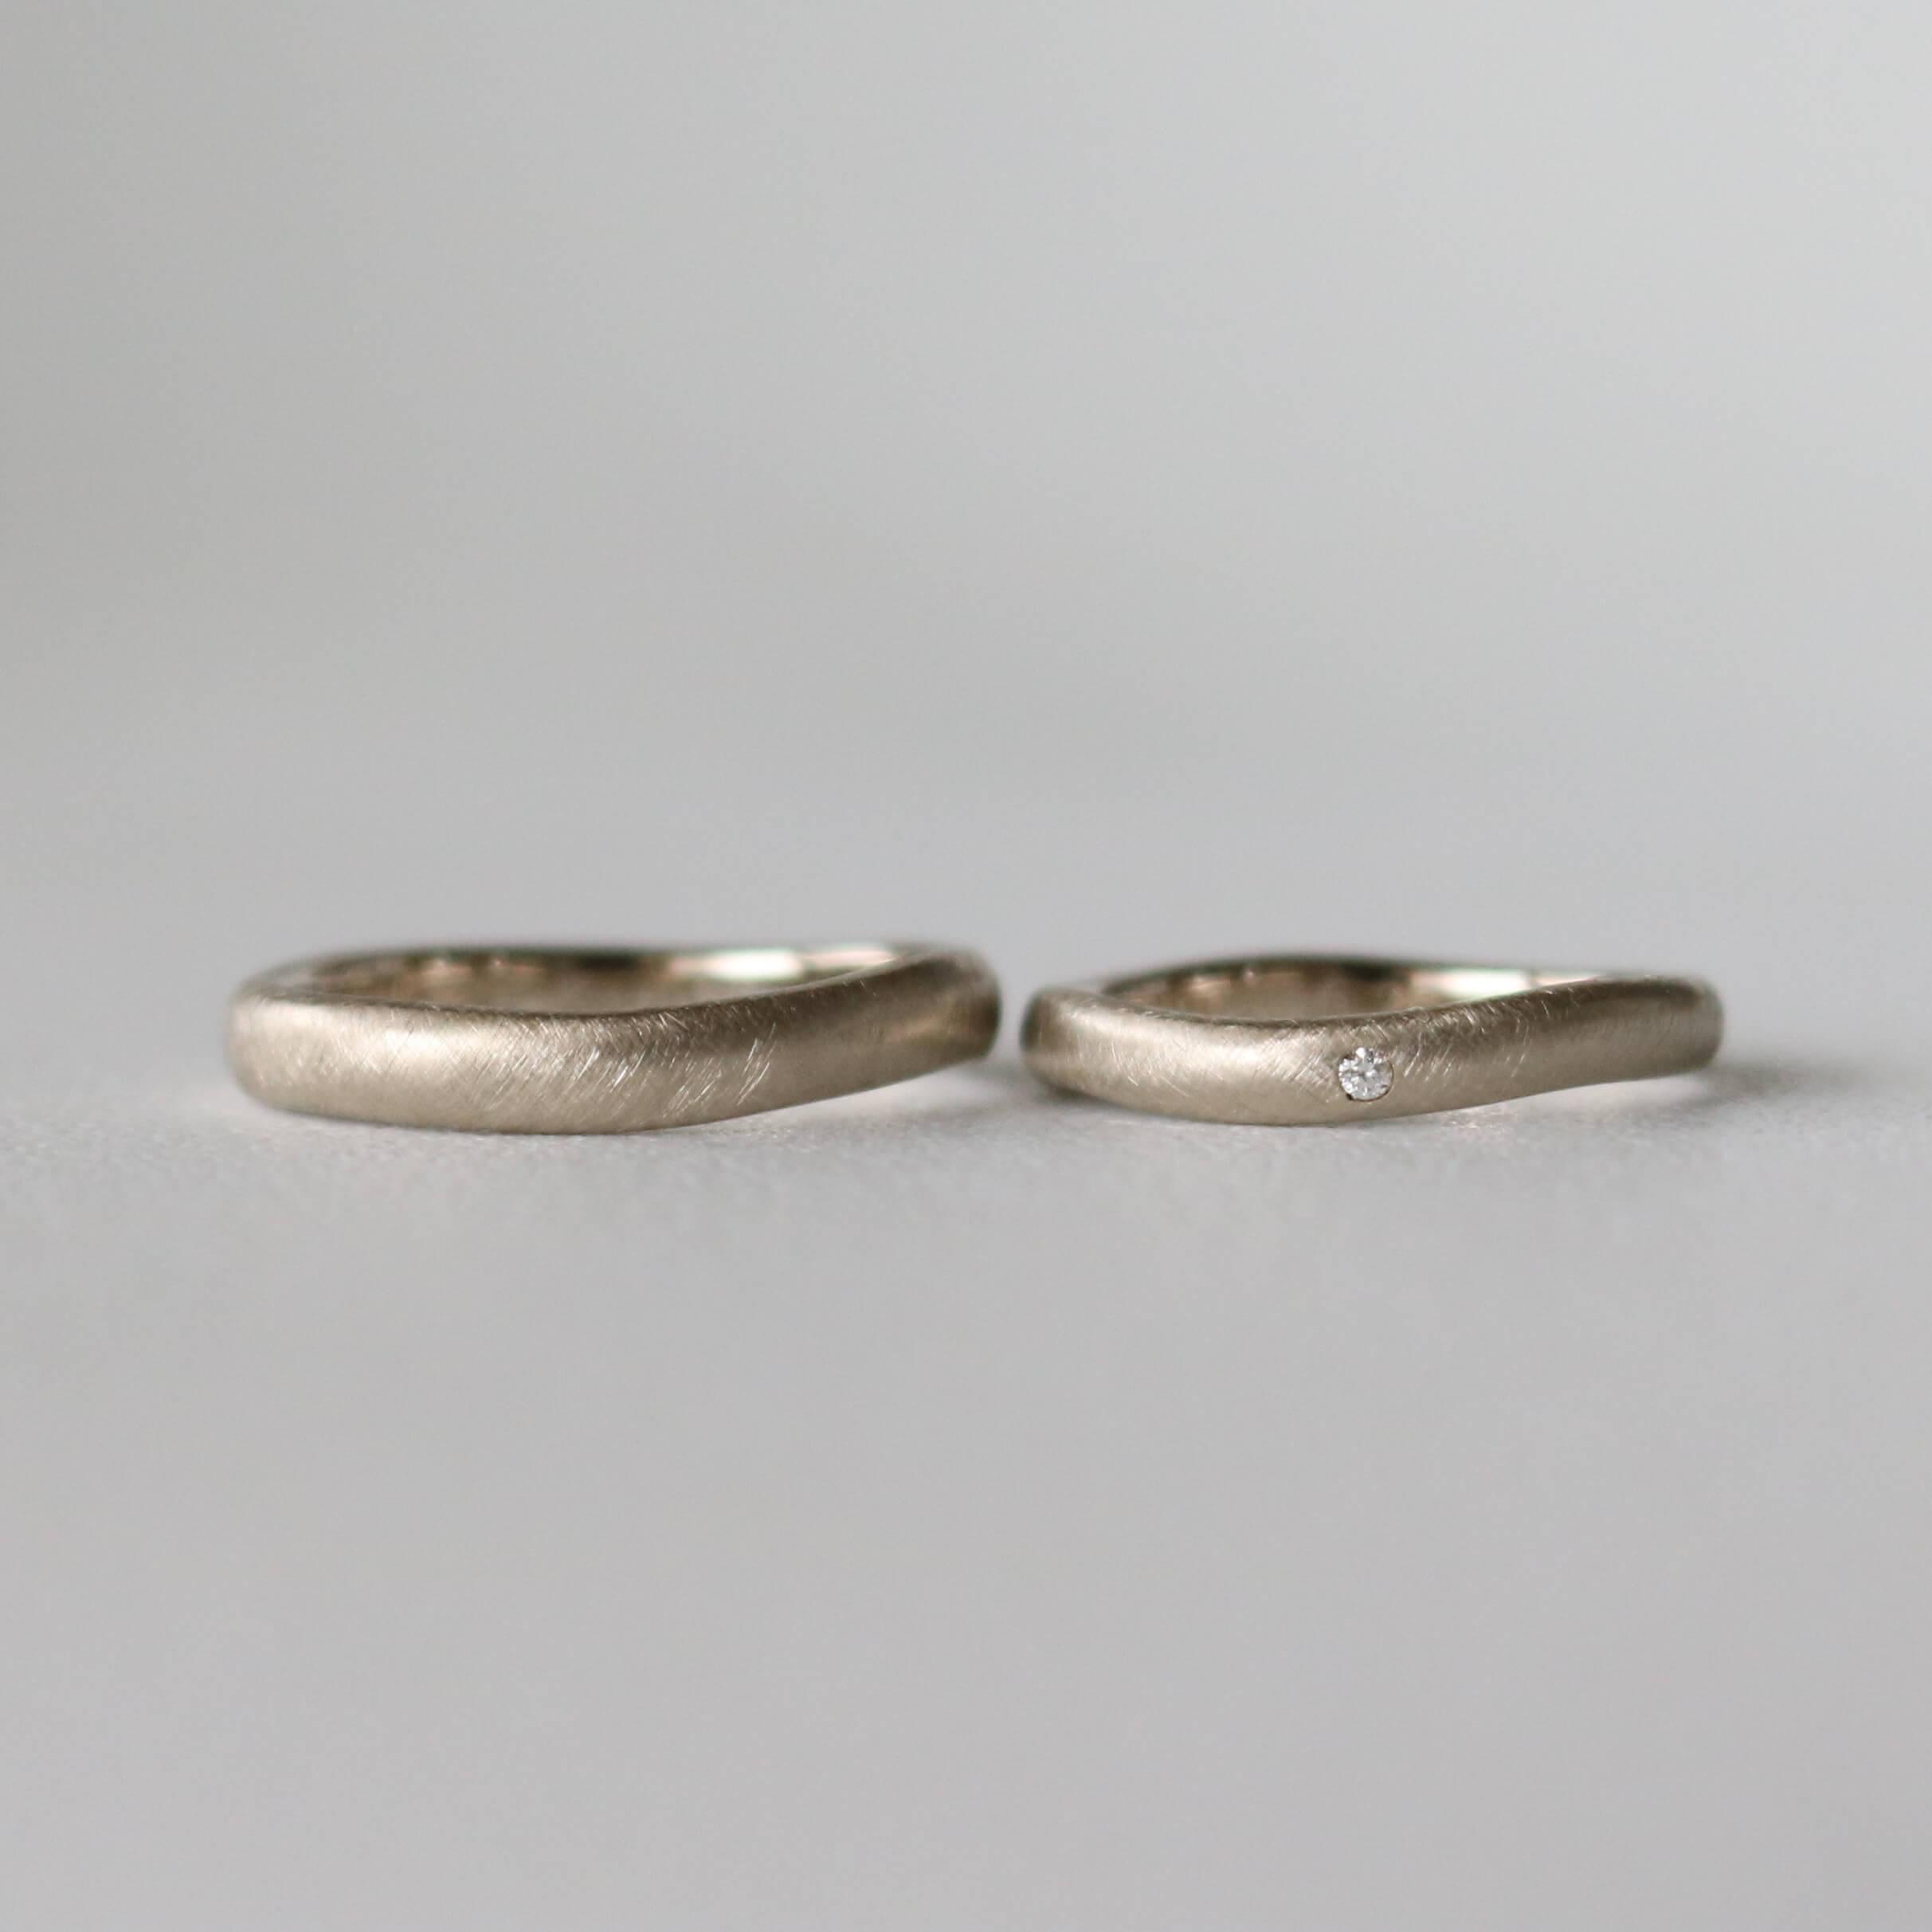 曇形フォルムのホワイトゴールドの結婚指輪